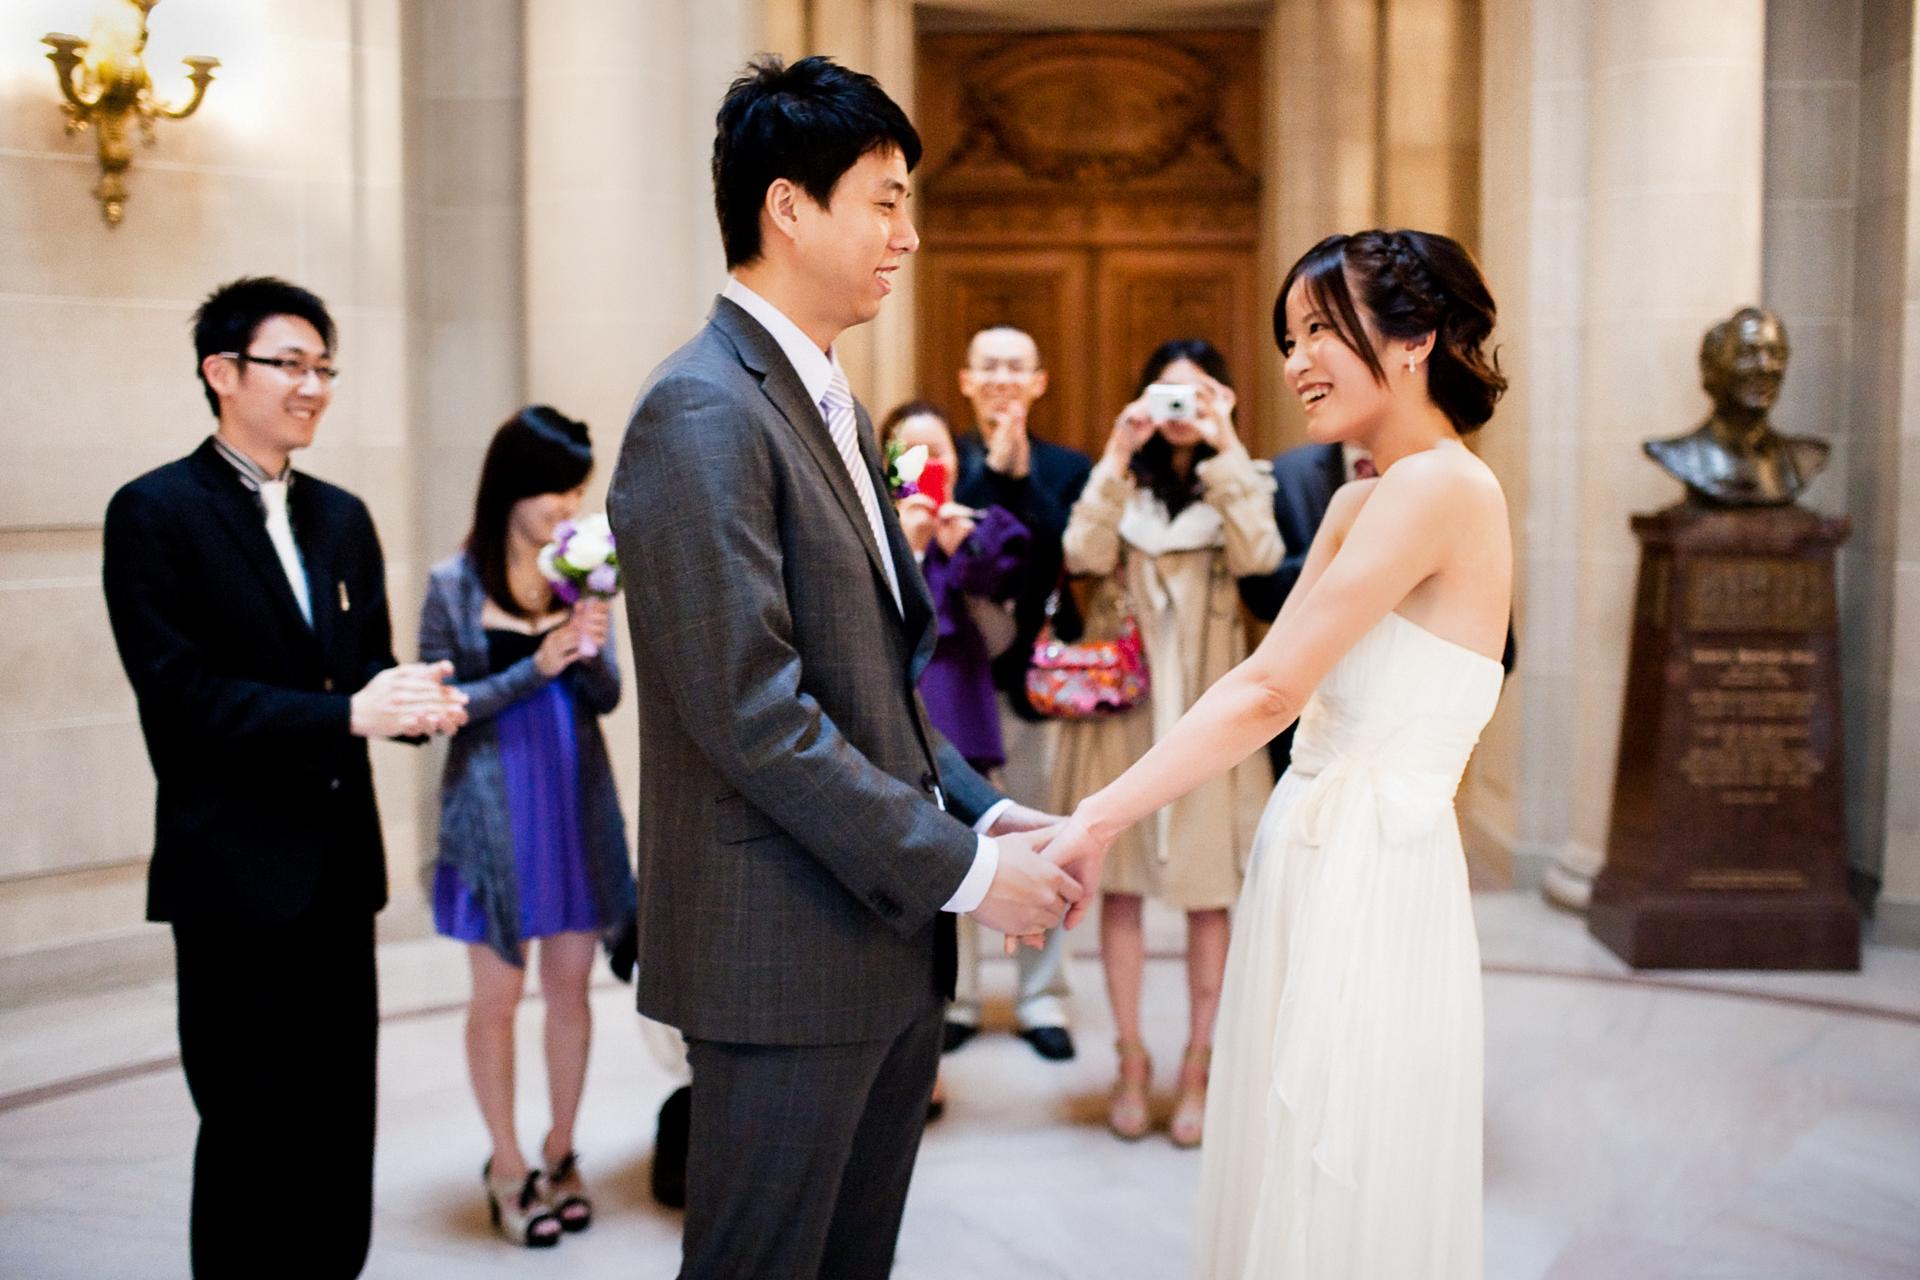 SF City Hall Elopement Photographers | Amici congratulandosi e scattando foto della sposa e dello sposo